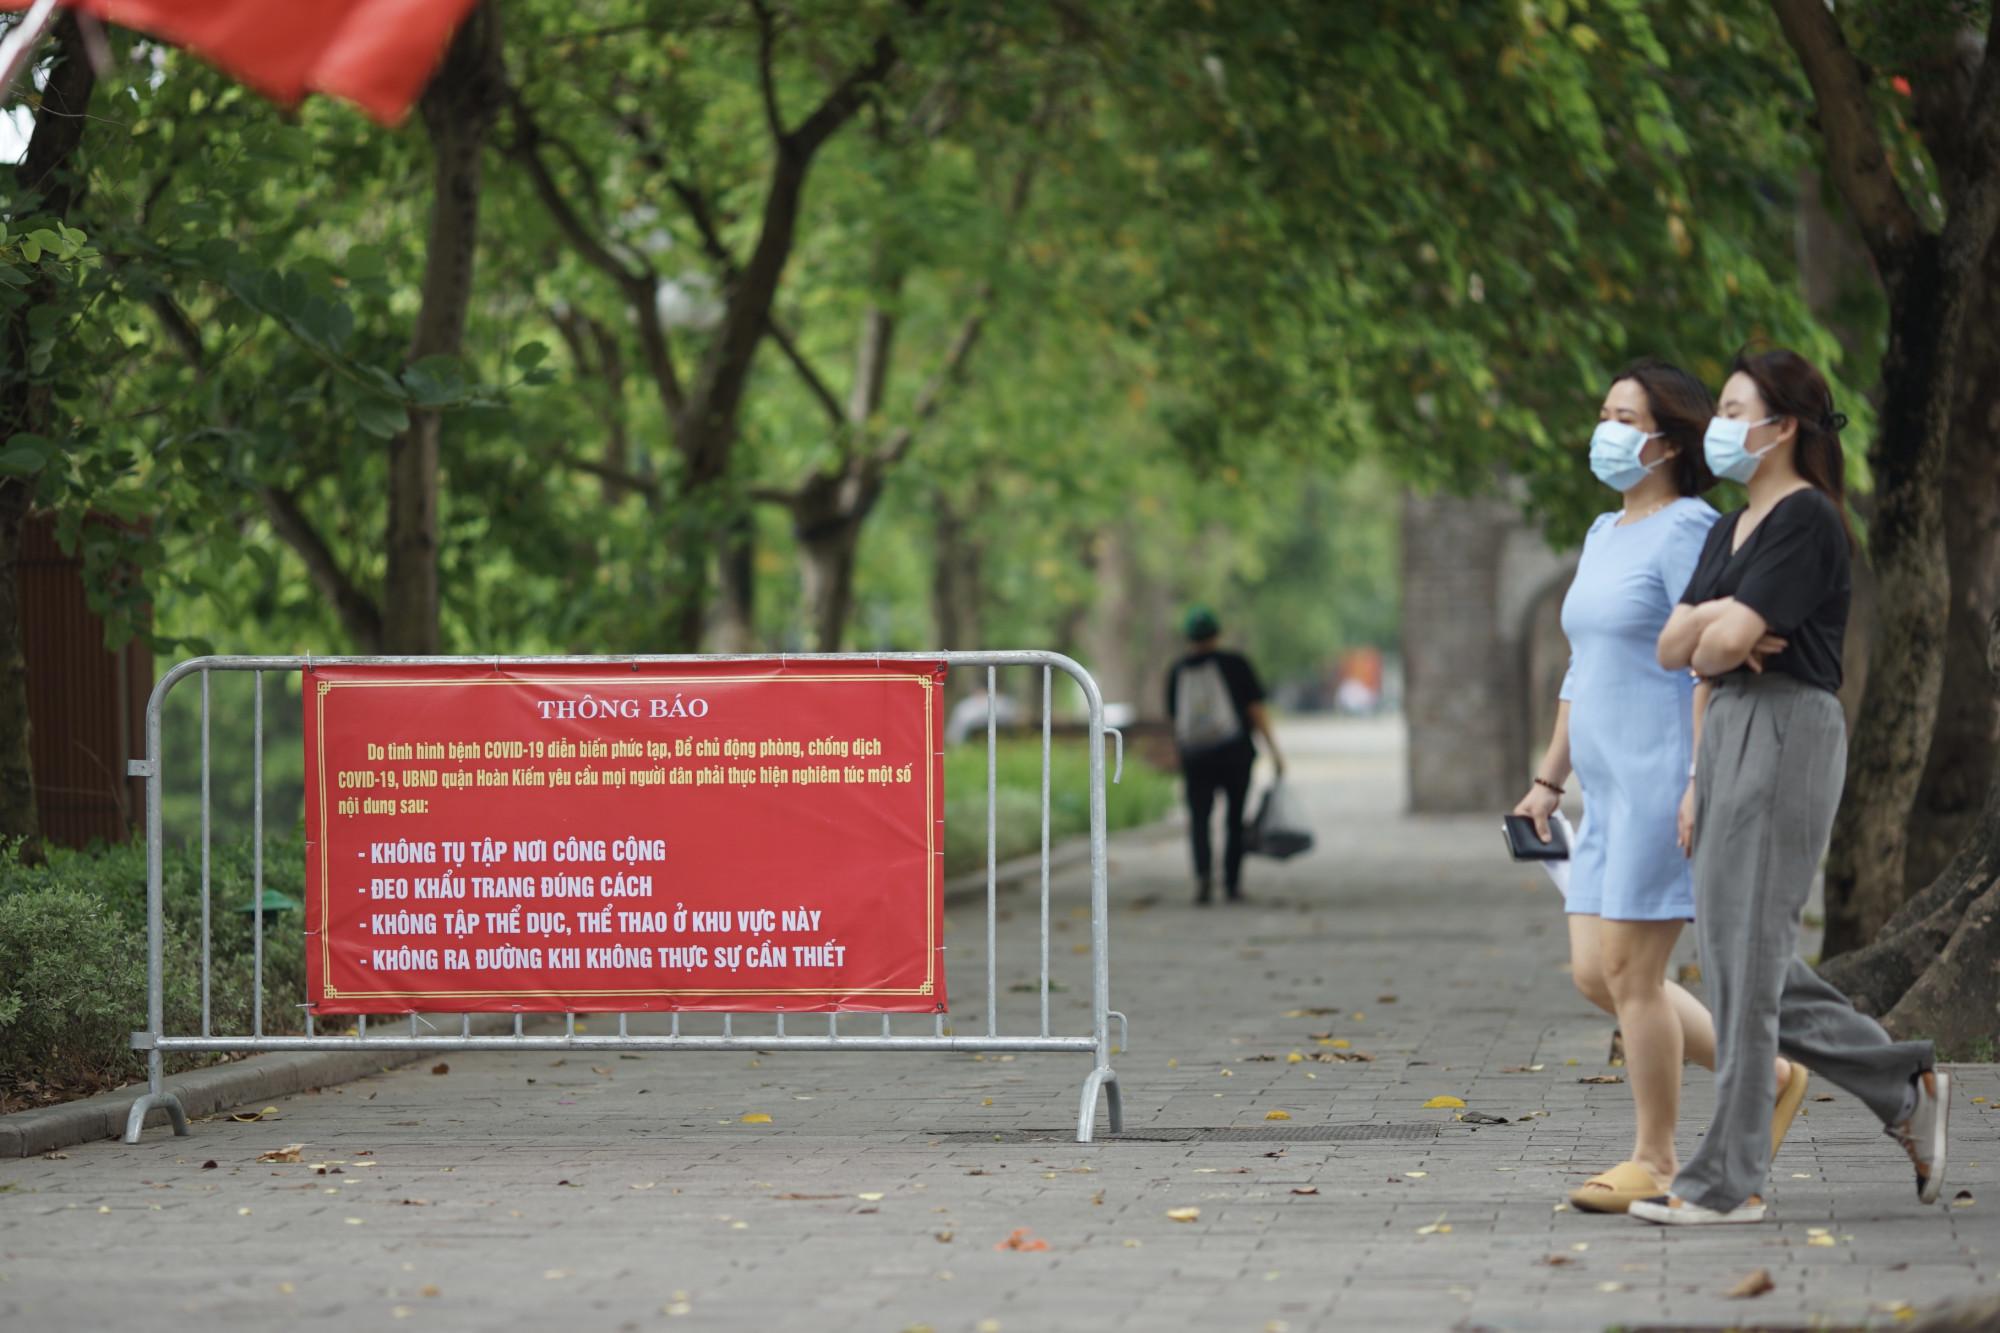 Cán bộ, công chức rời khỏi Hà Nội ngoài giờ hành chính phải báo cáo thủ trưởng cơ quan.